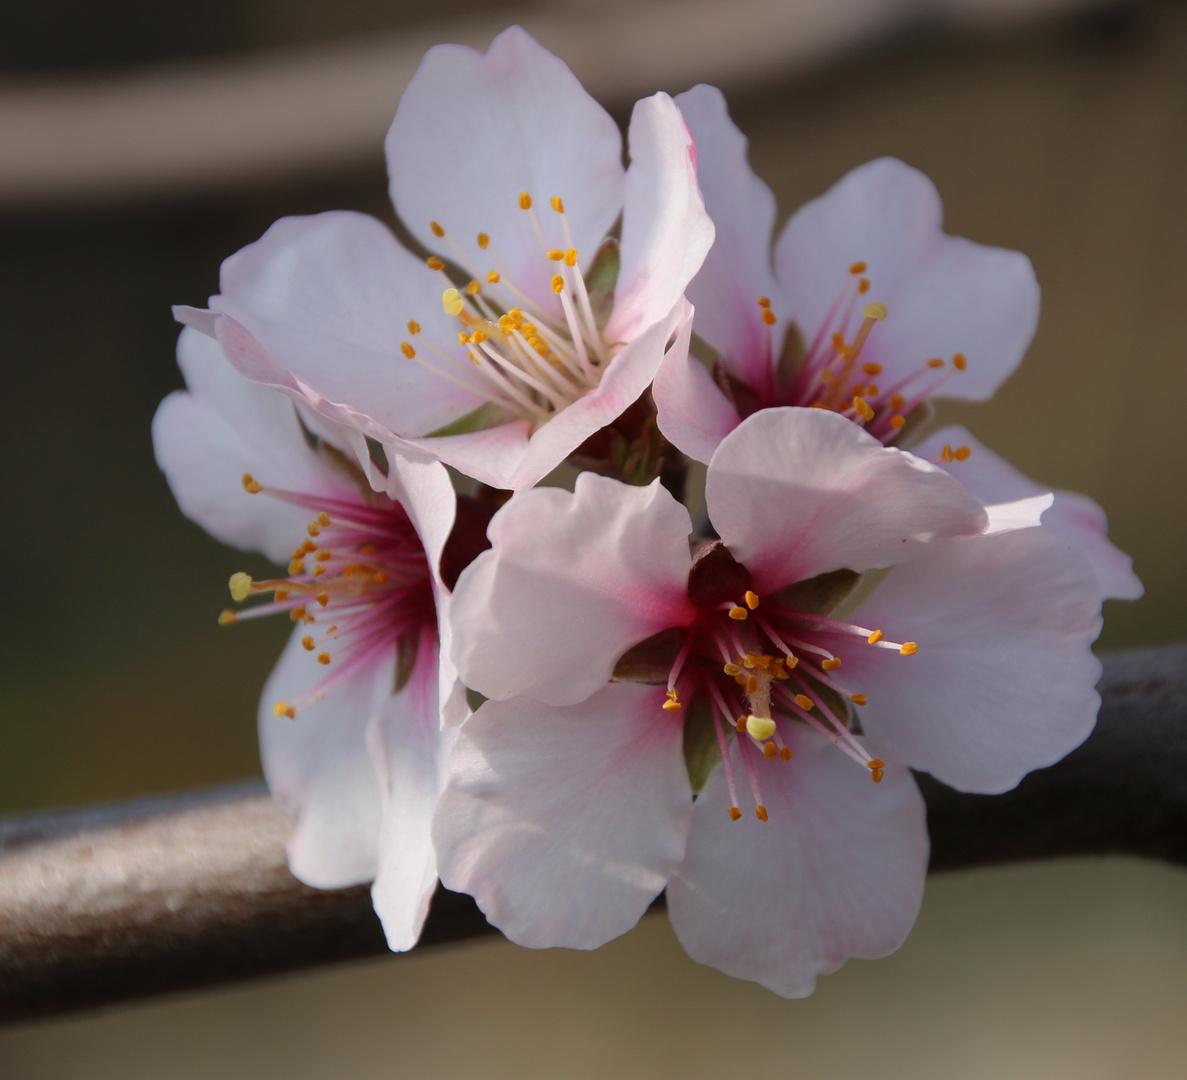 Mandelblüte in der Pfalz 2